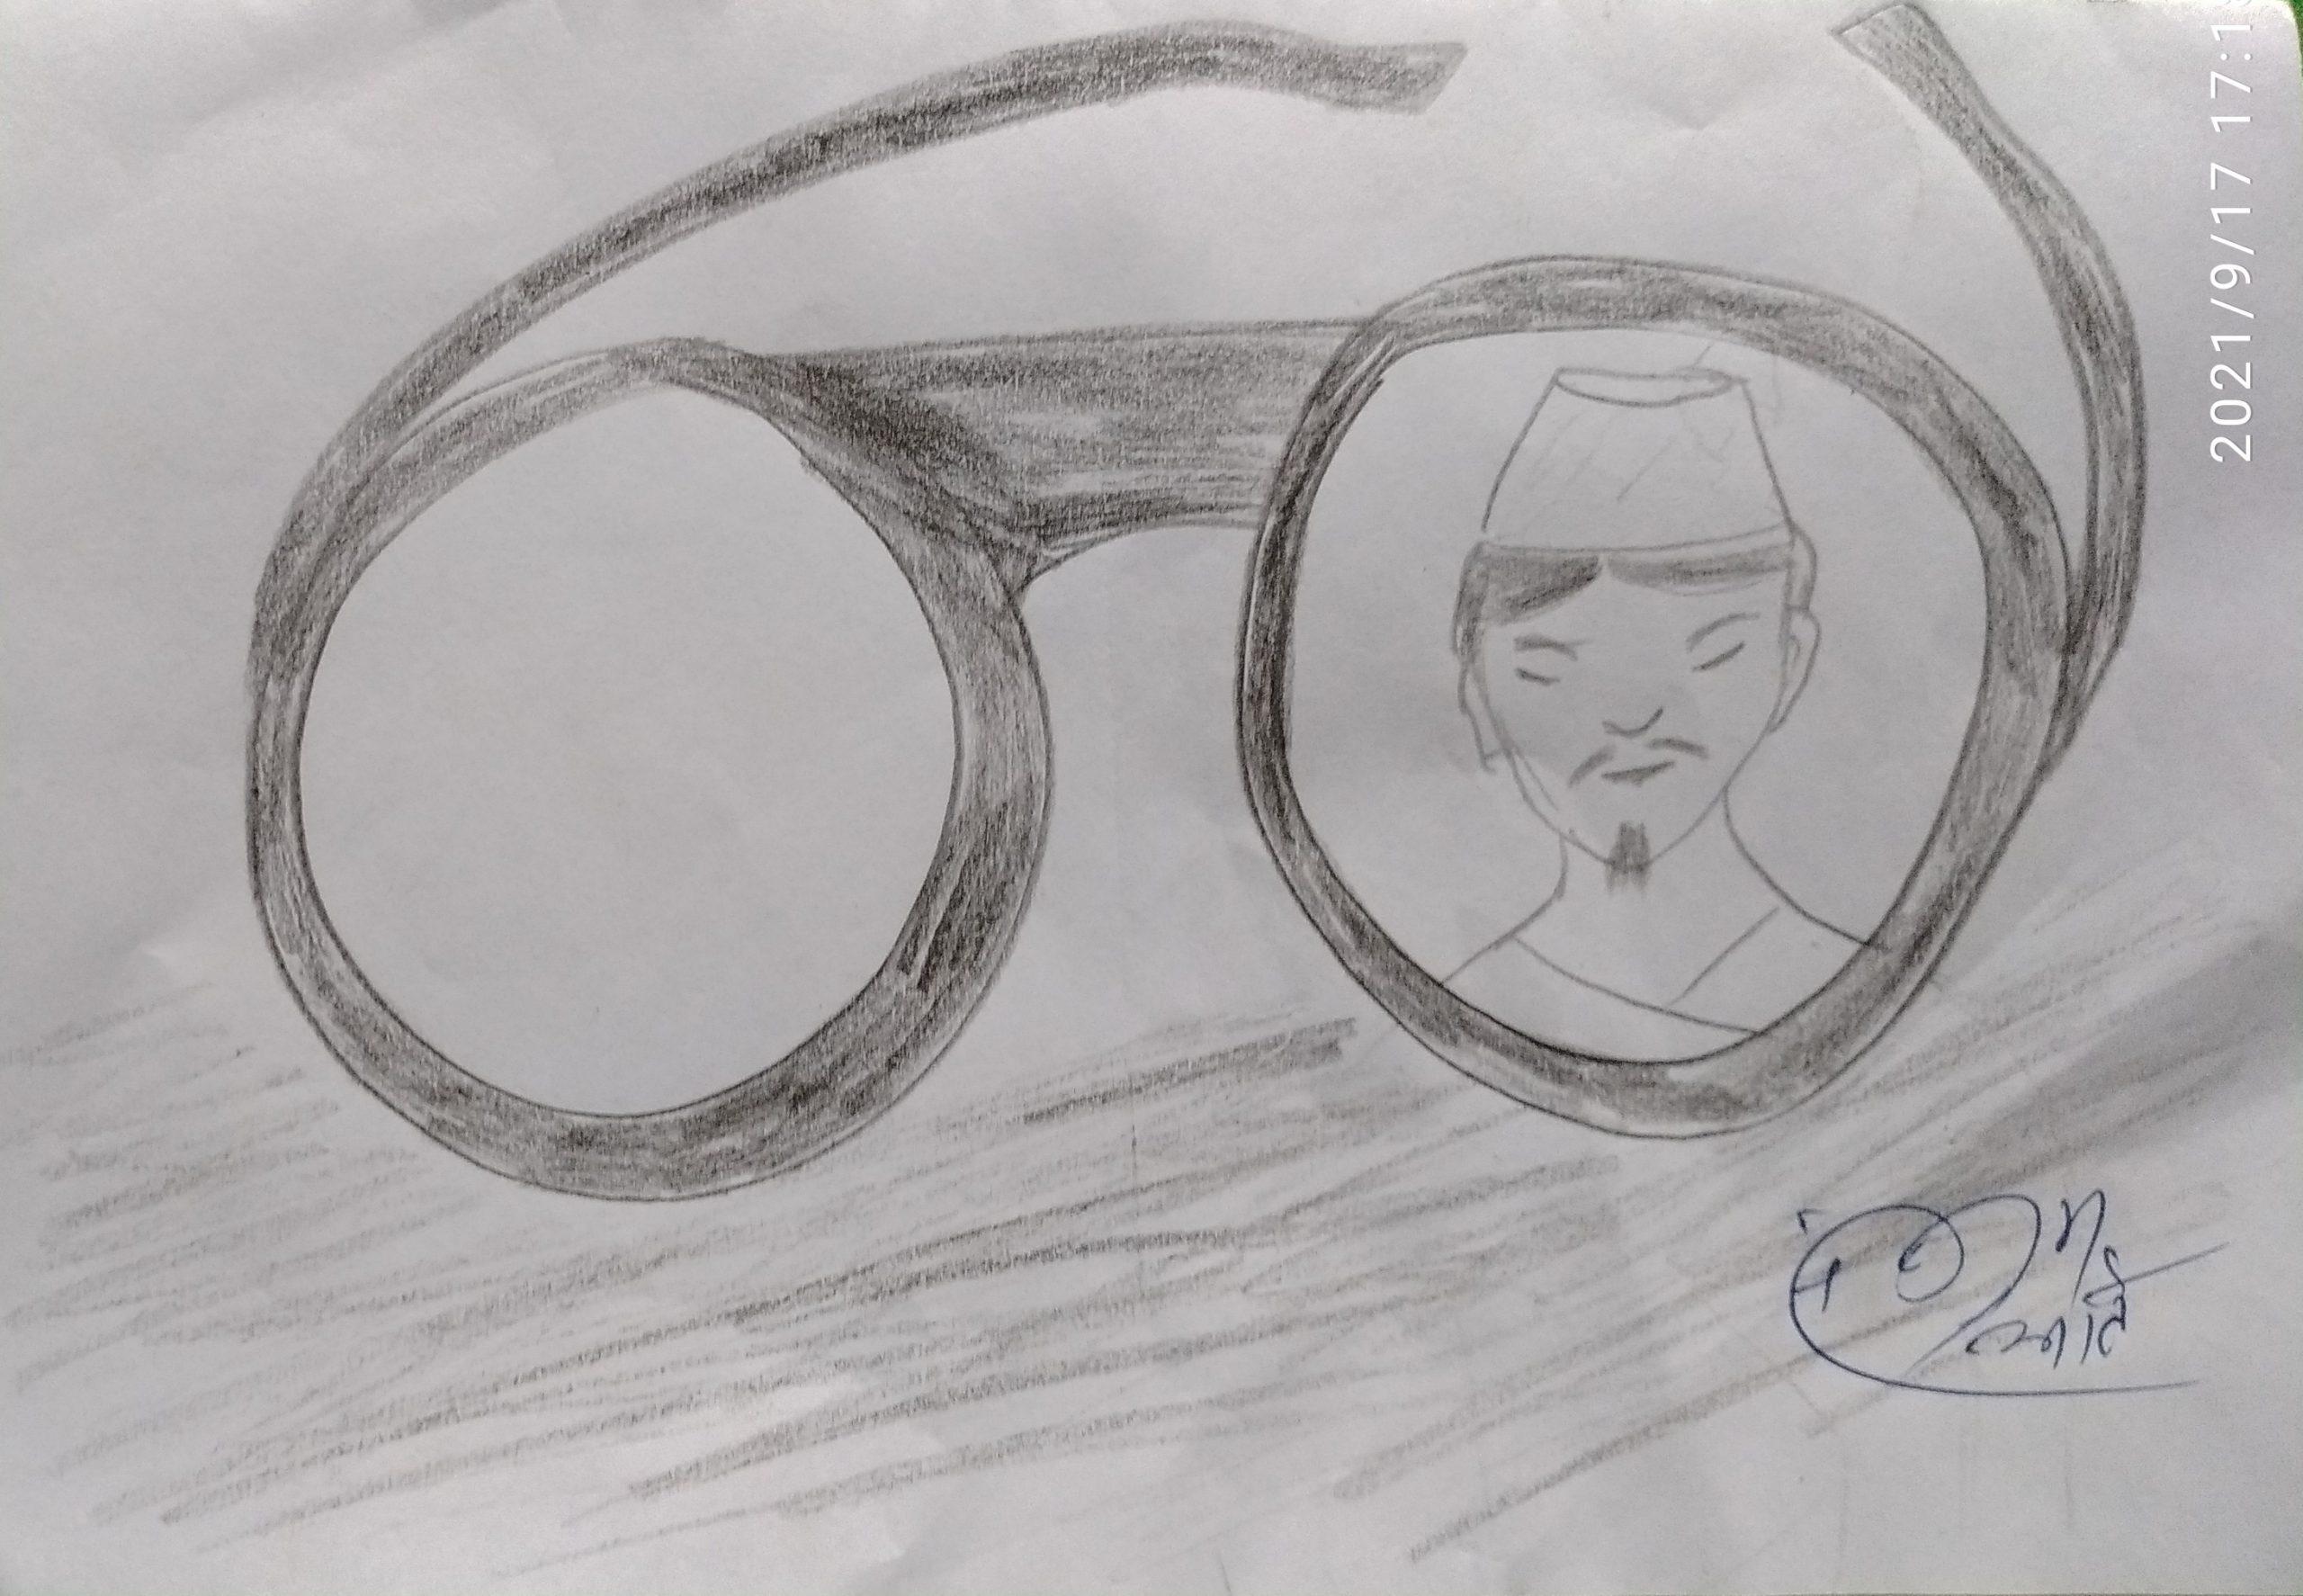 बाबक् चस्मा